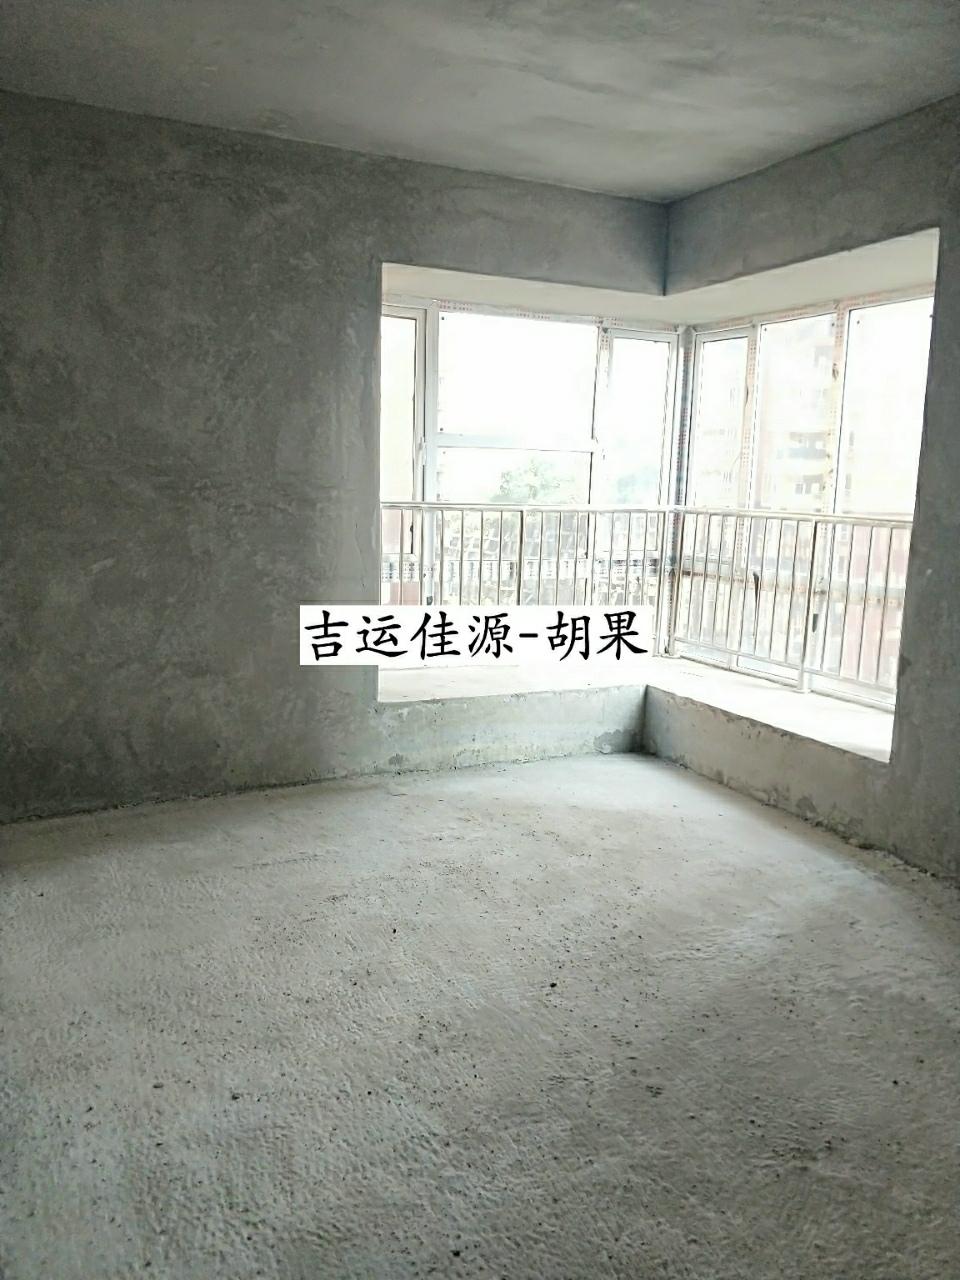 国酒新城毛坯房出售,户型大气明亮,5980/平方